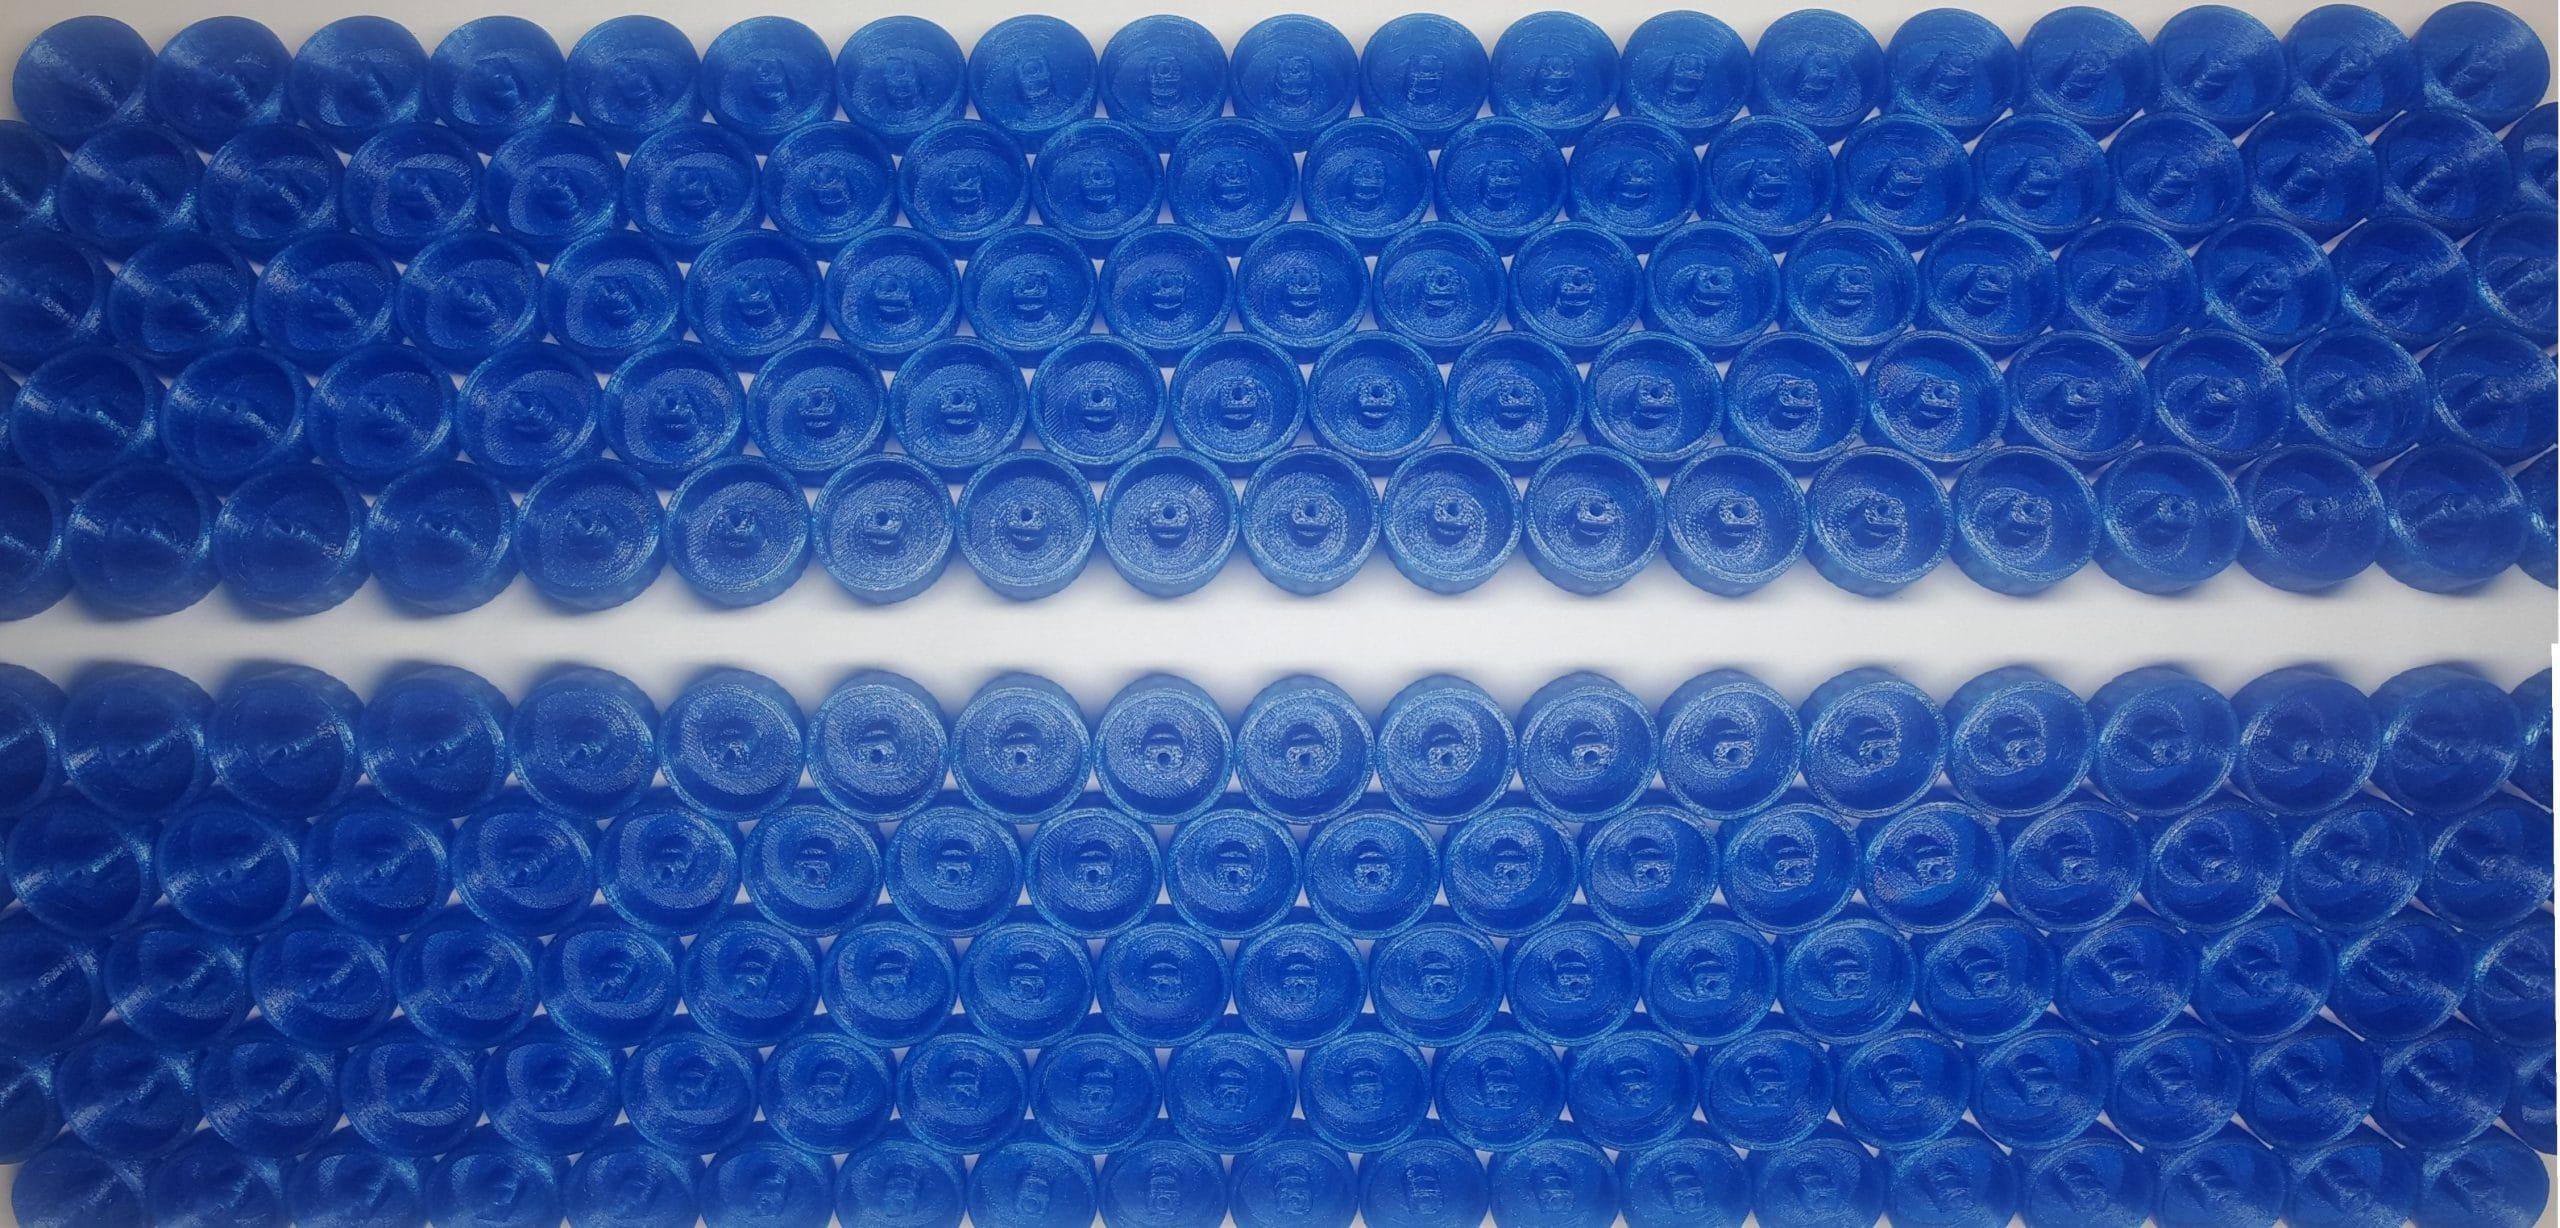 3d-printed-polycarbonate-knobs_optimised